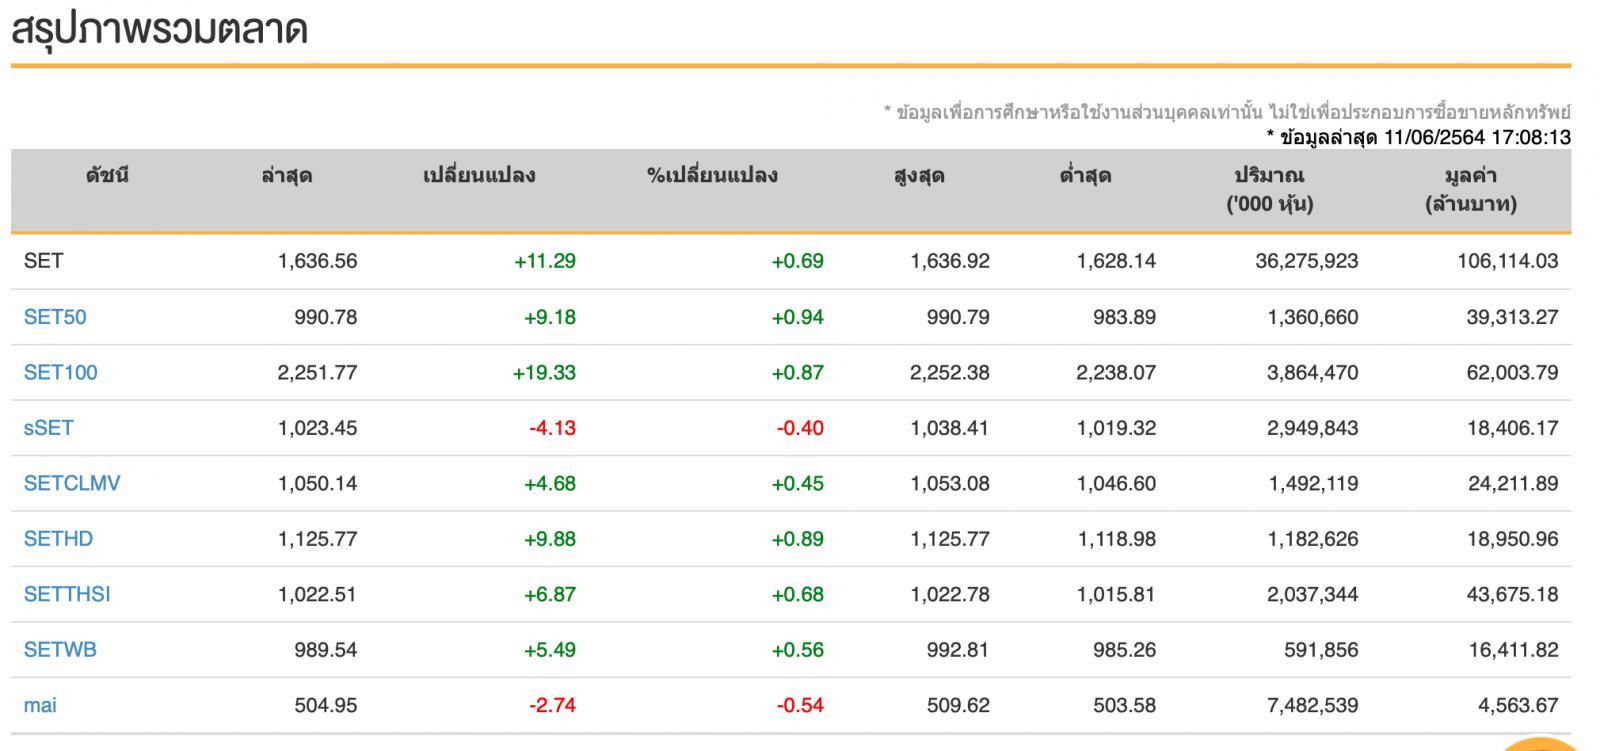 หุ้นไทย (11 มิ.ย.64)  ปิดการซื้อขายที่ระดับ 1,636.56 จุด เพิ่มขึ้น  +11.29 จุด